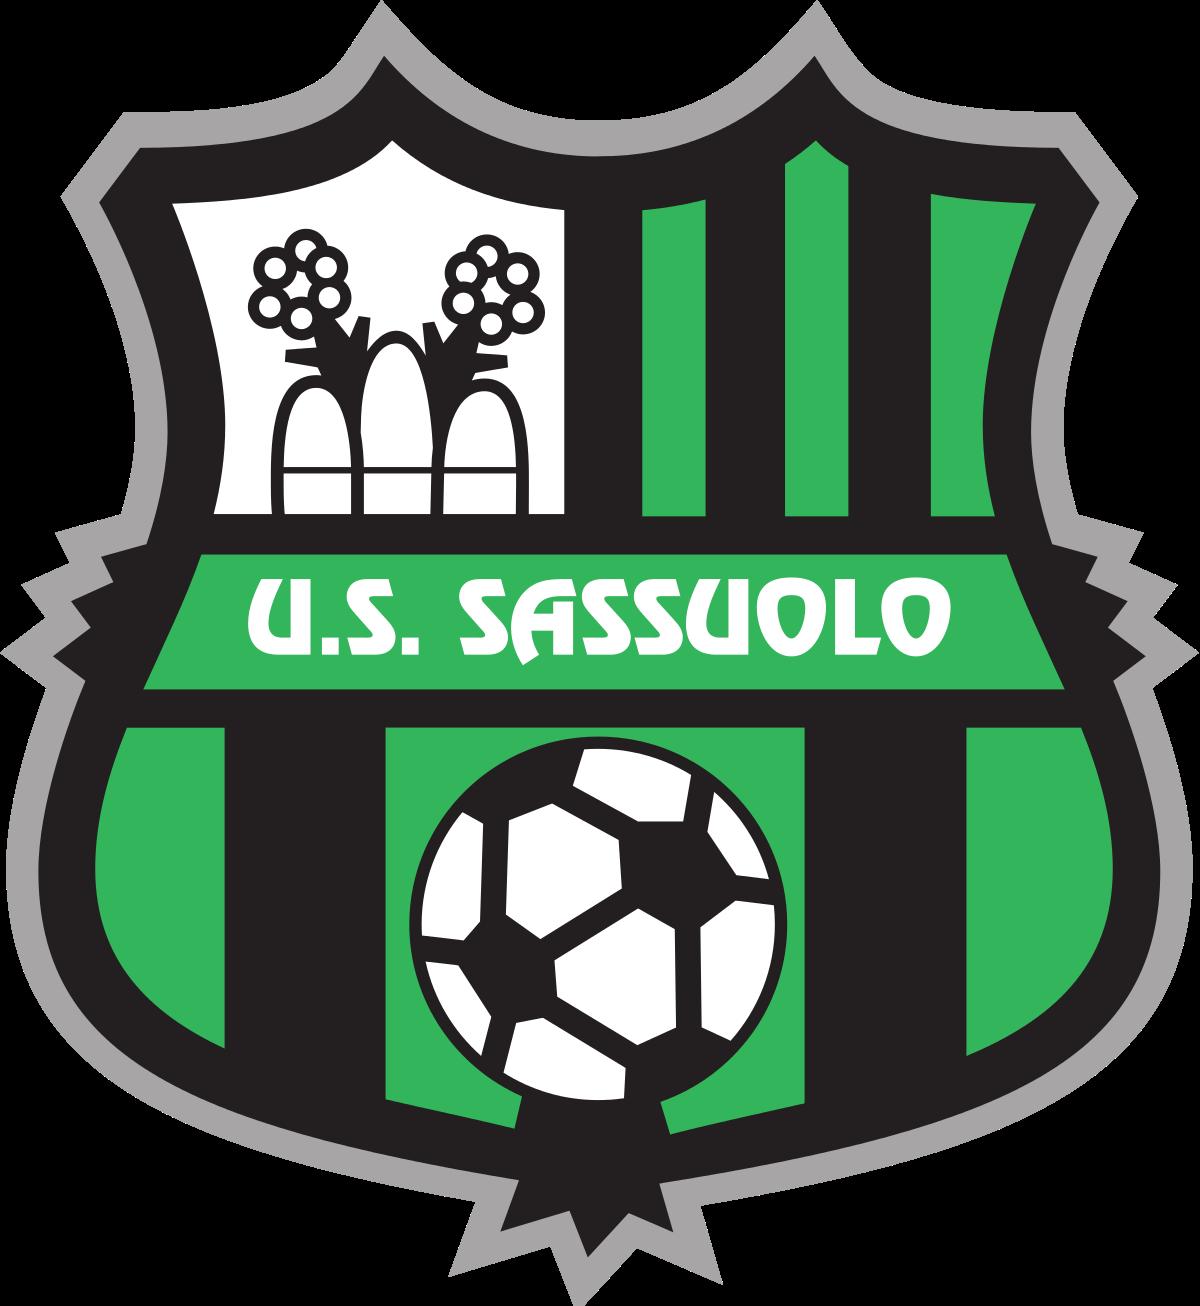 Pin By Shauqi Mohammad On Sassuolo Ita Football Italy Soccer Match Soccer Logo